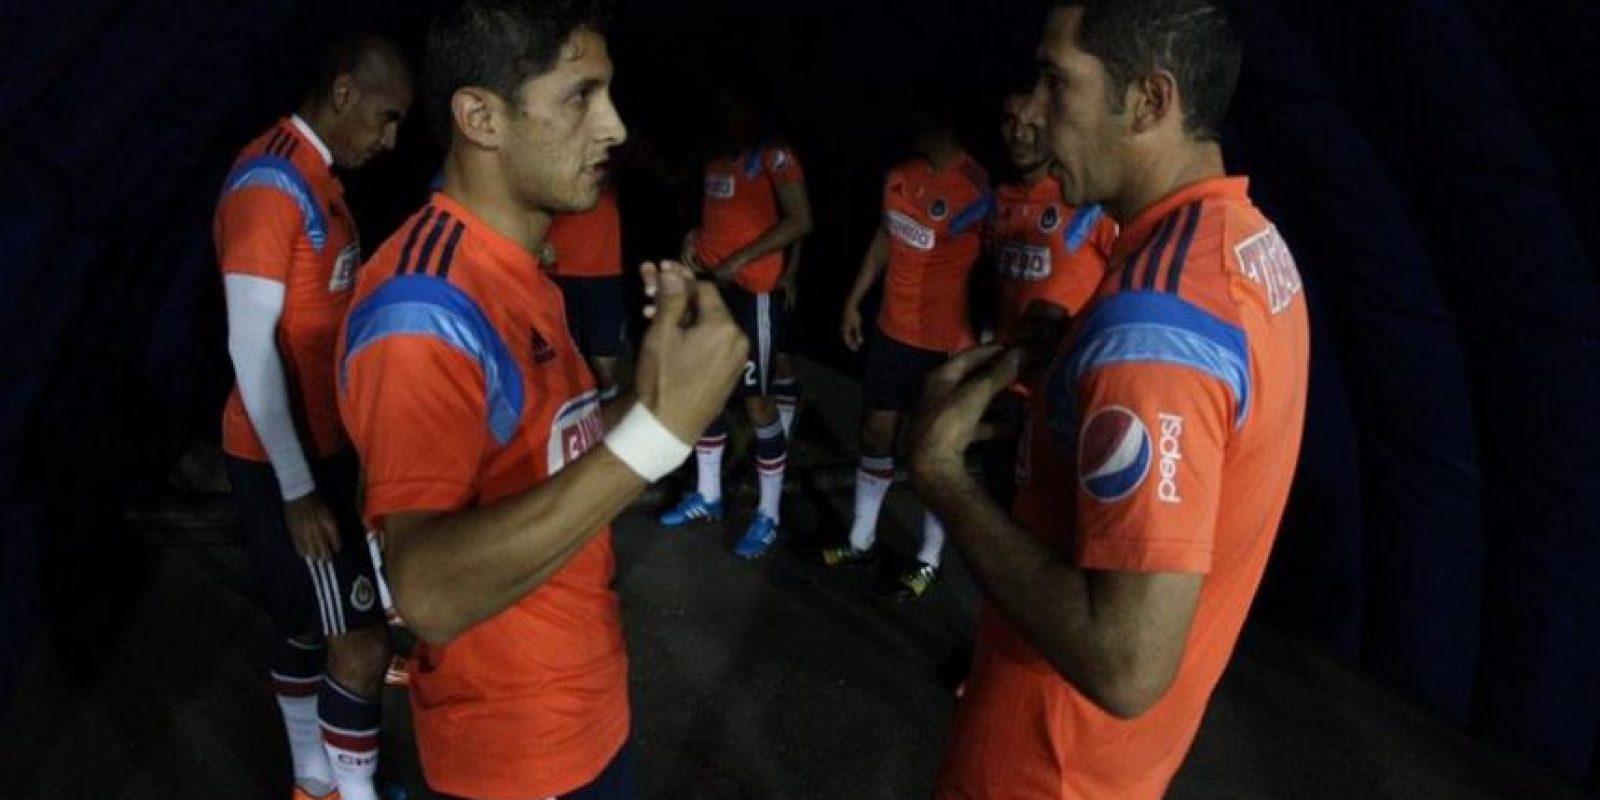 El segundo equipo más popular y más ganador de la Liga MX tiene problemas de descenso y pueden perder la categoría por primera vez Foto:Twitter: @Chivas